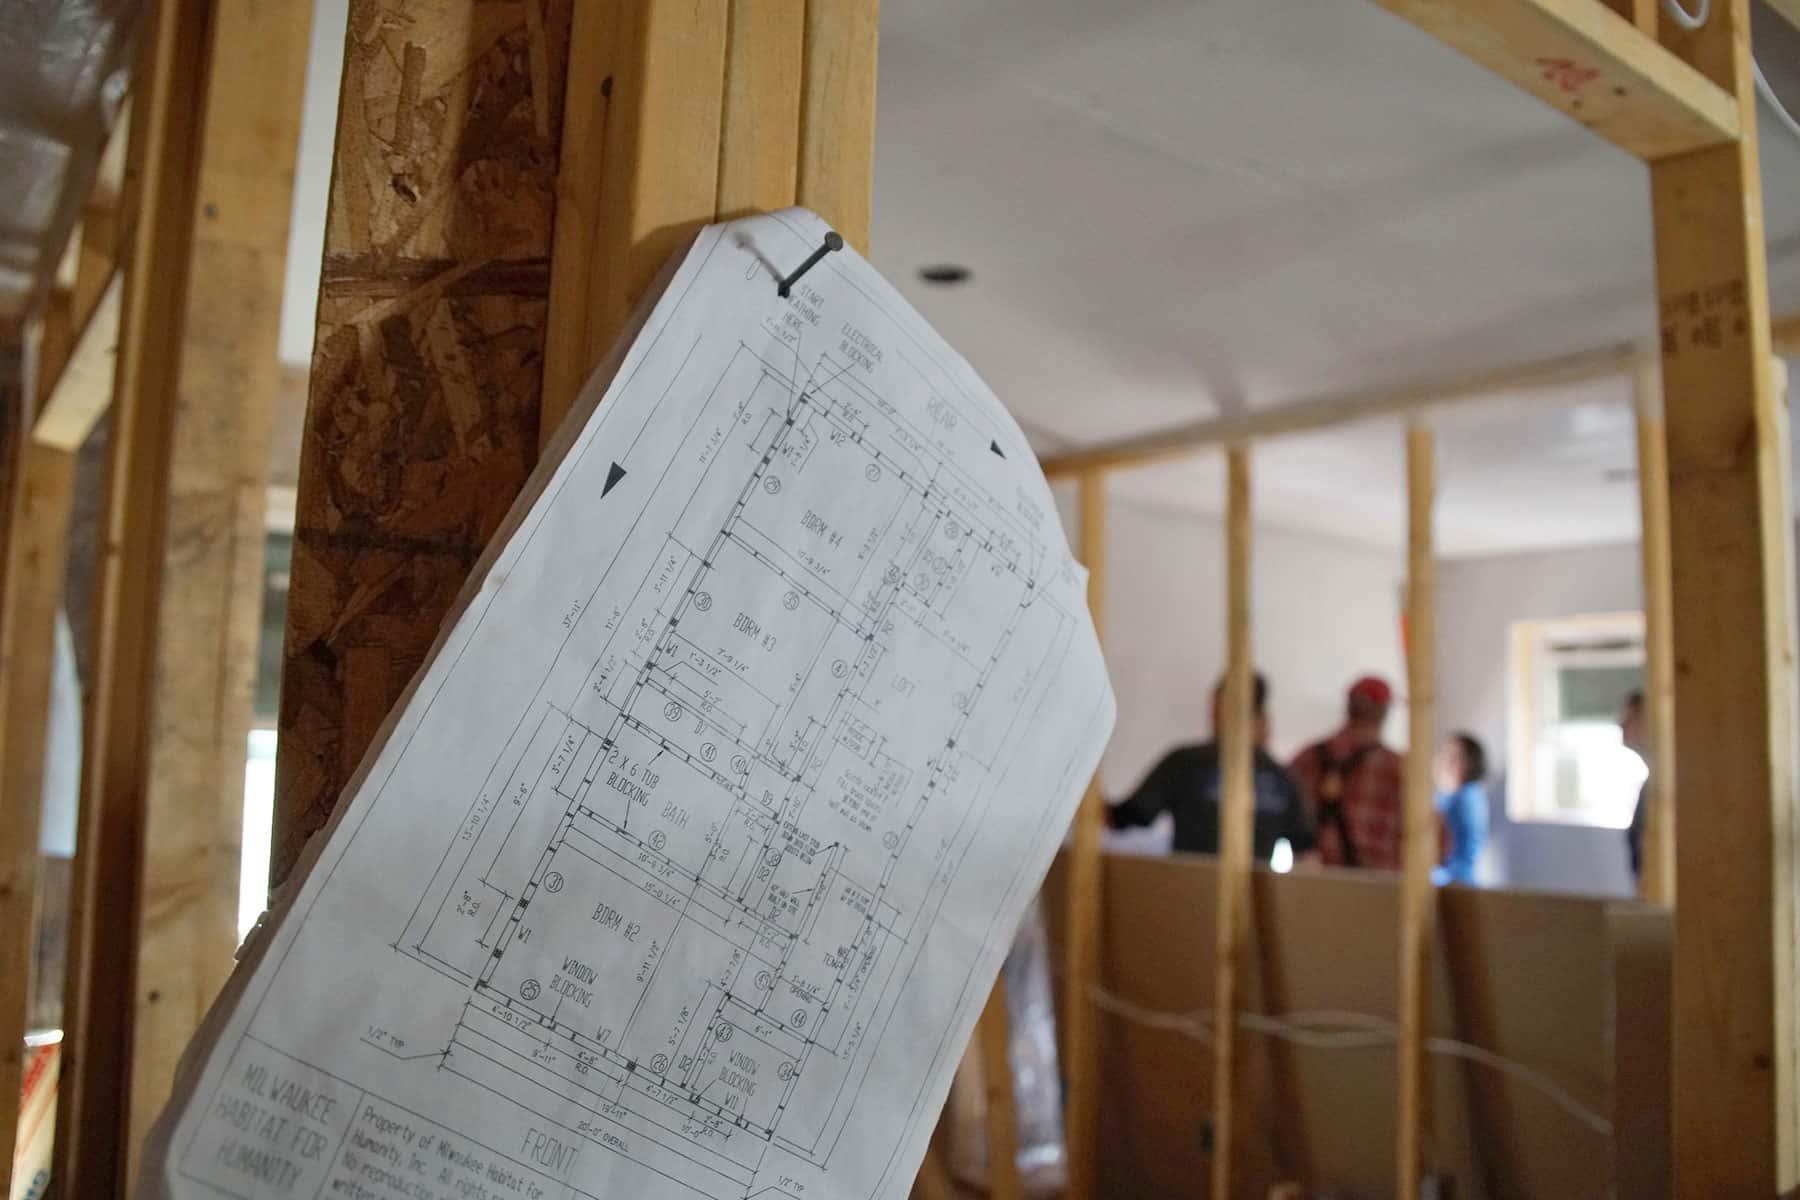 00_091117_habitatbuild_651